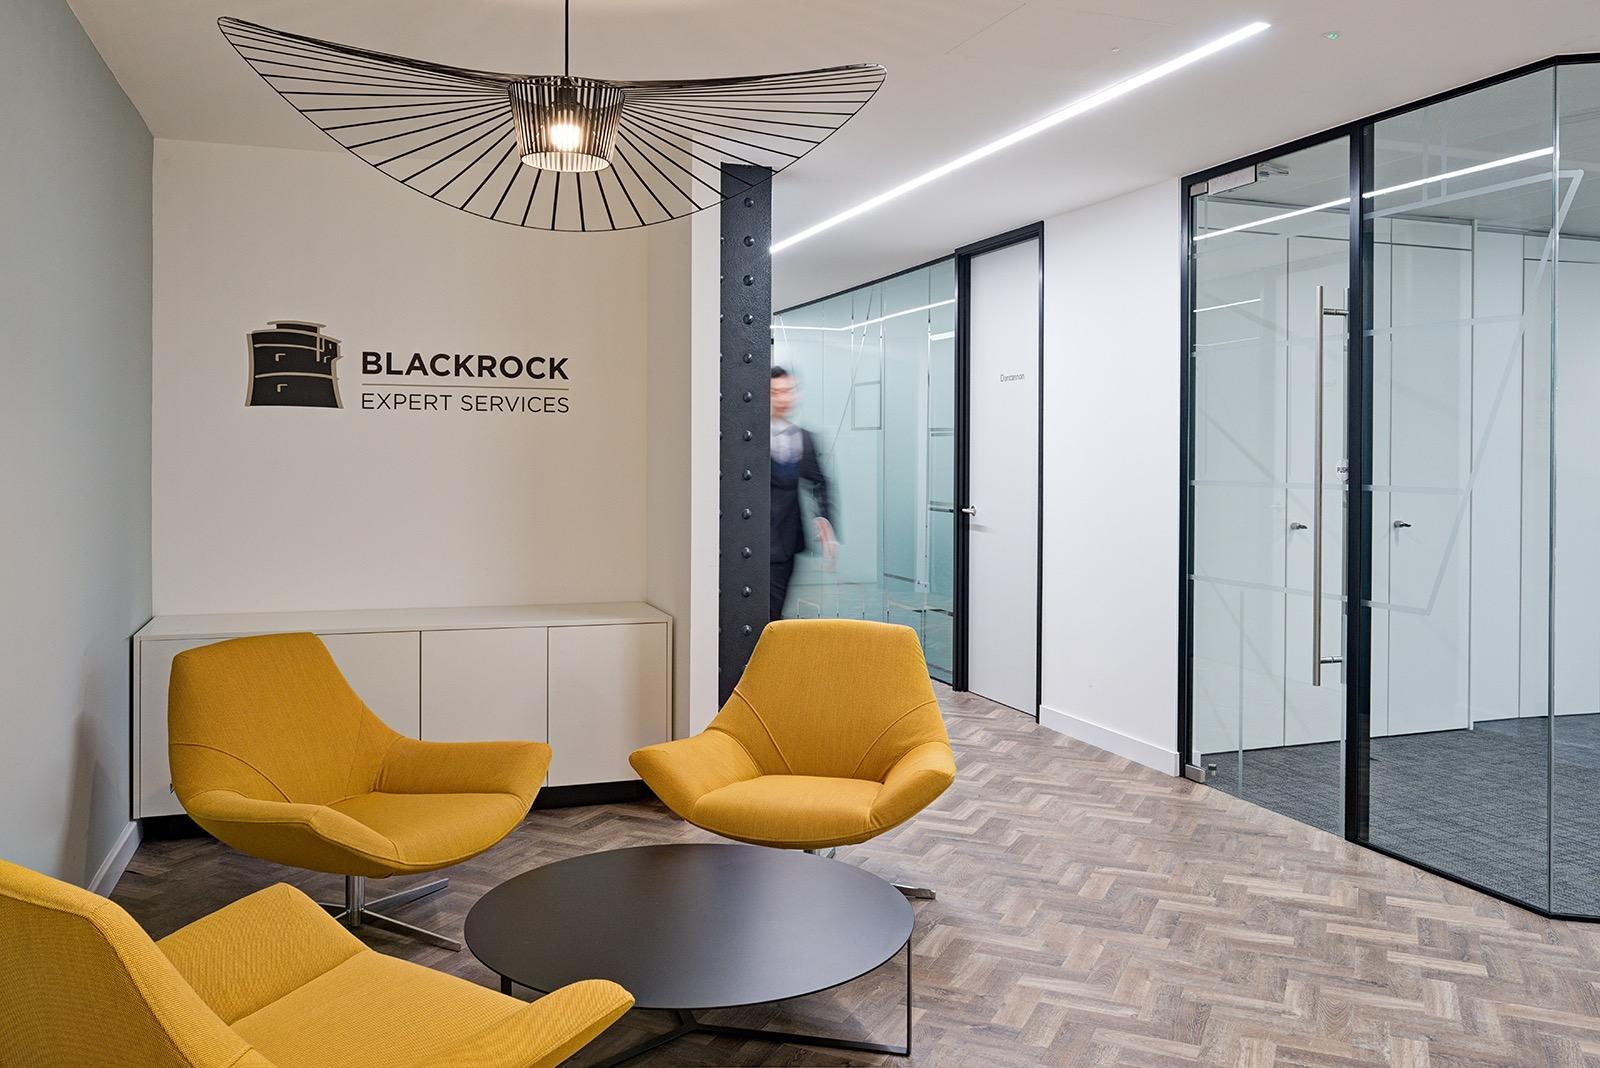 blackrock-london-office-1